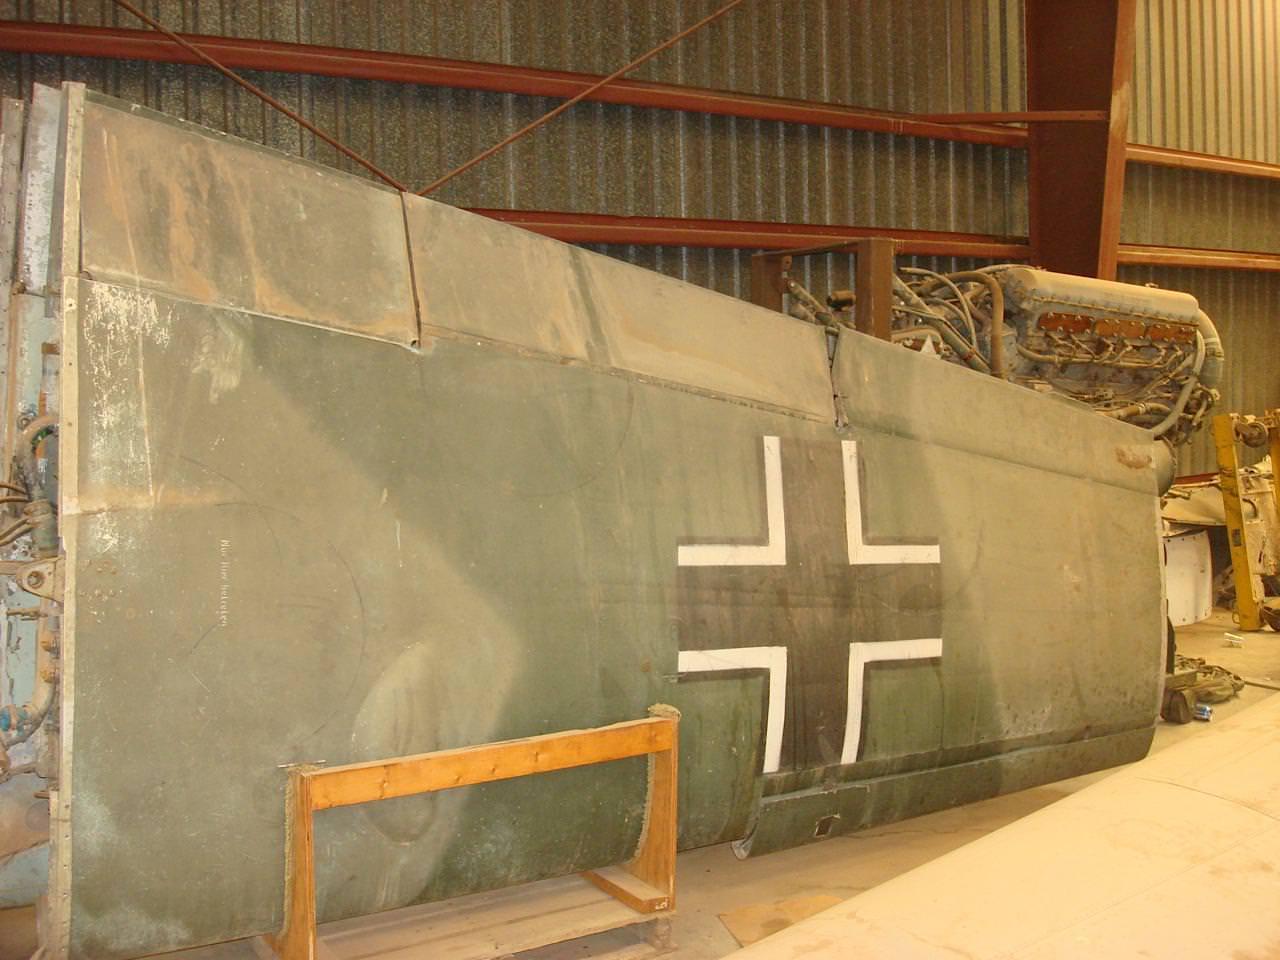 Messerschmitt Bf 109 8